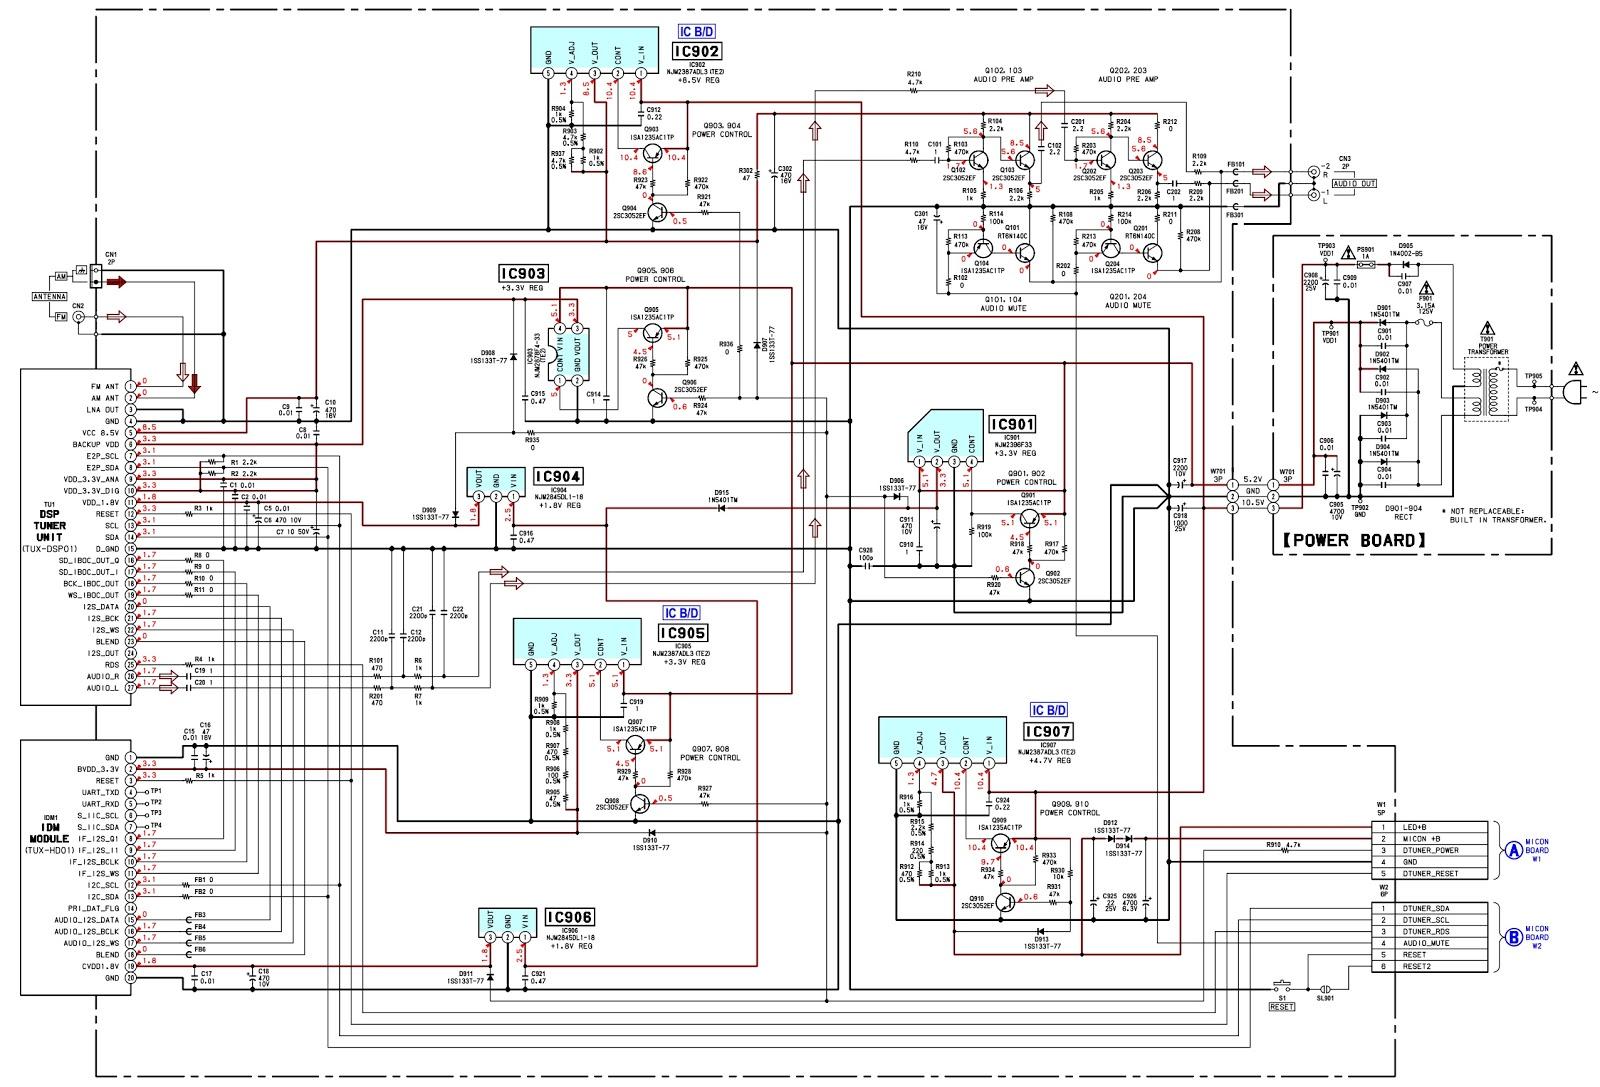 Electro Help Sony Xdr F1hd